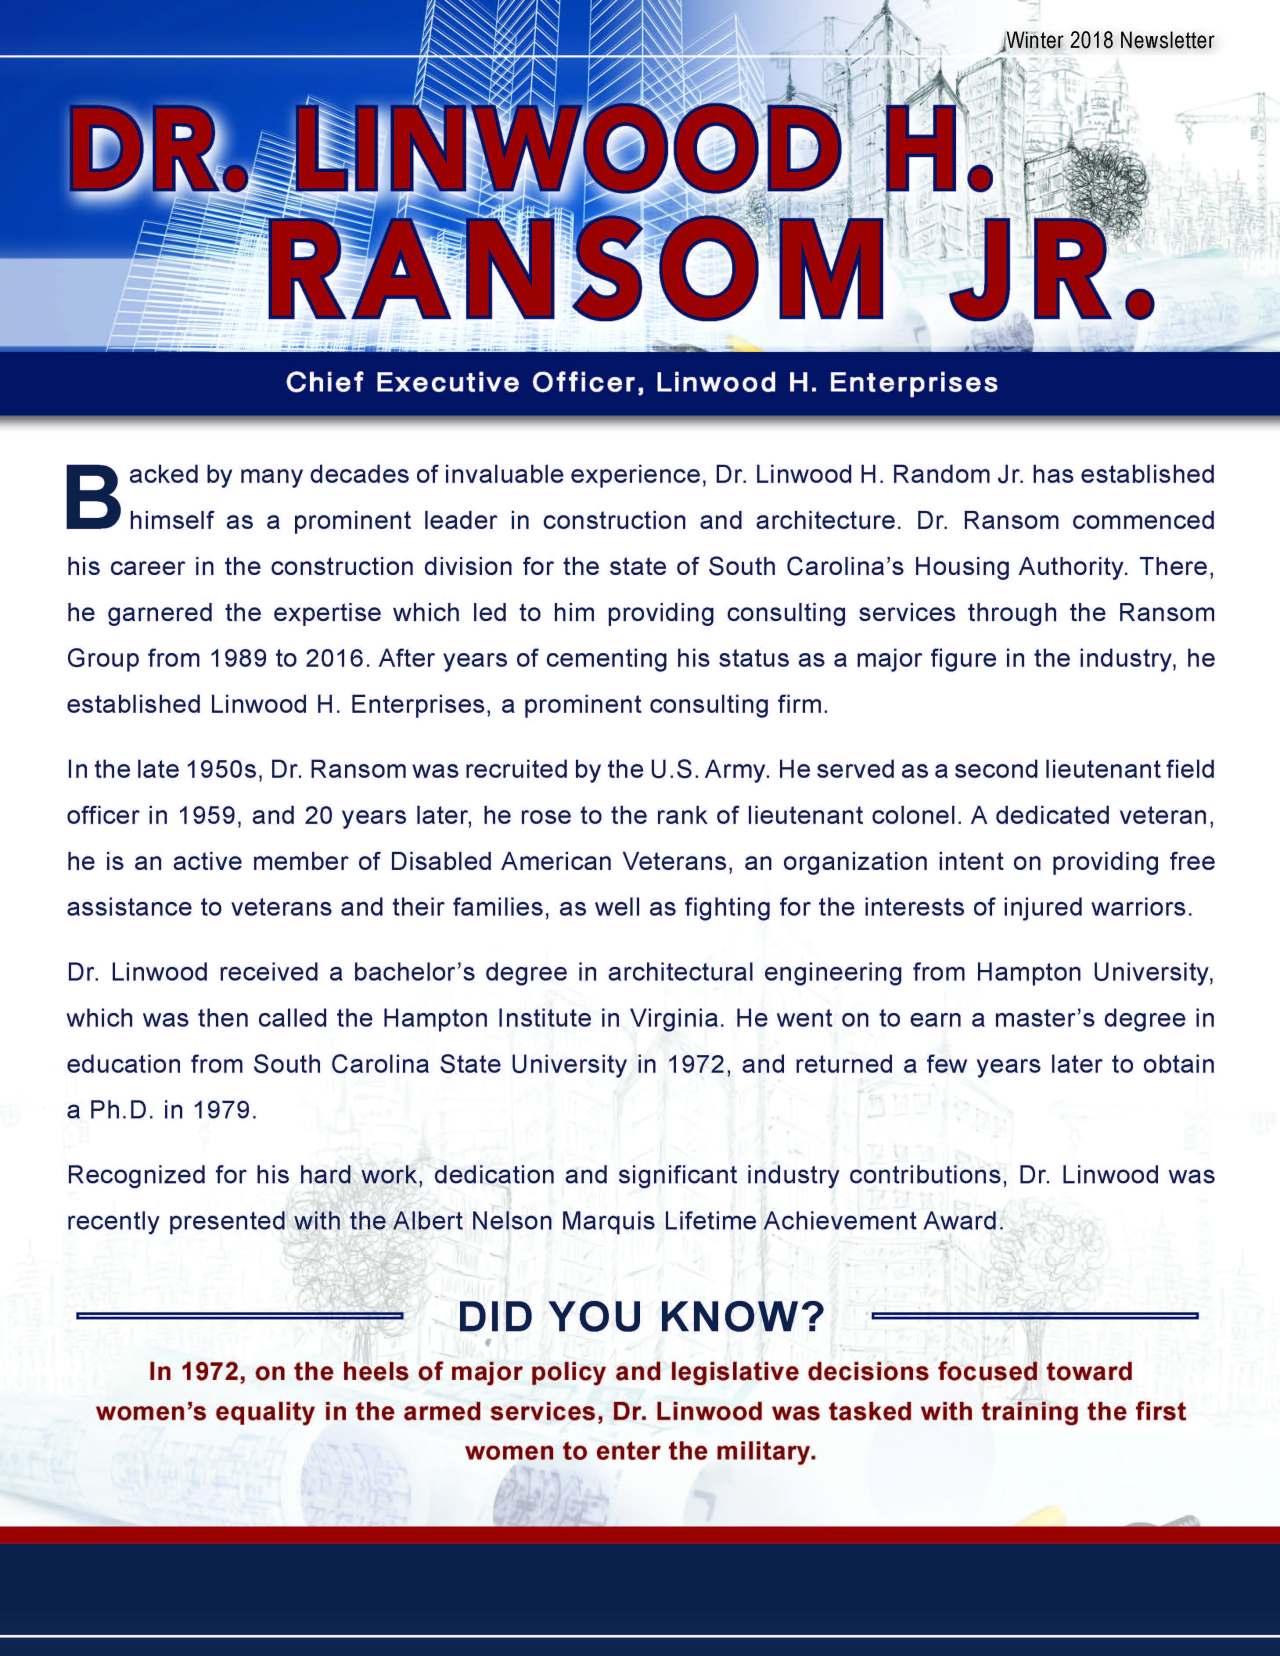 Ransom, Linwood 3688900_4003688900 Newsletter.jpg